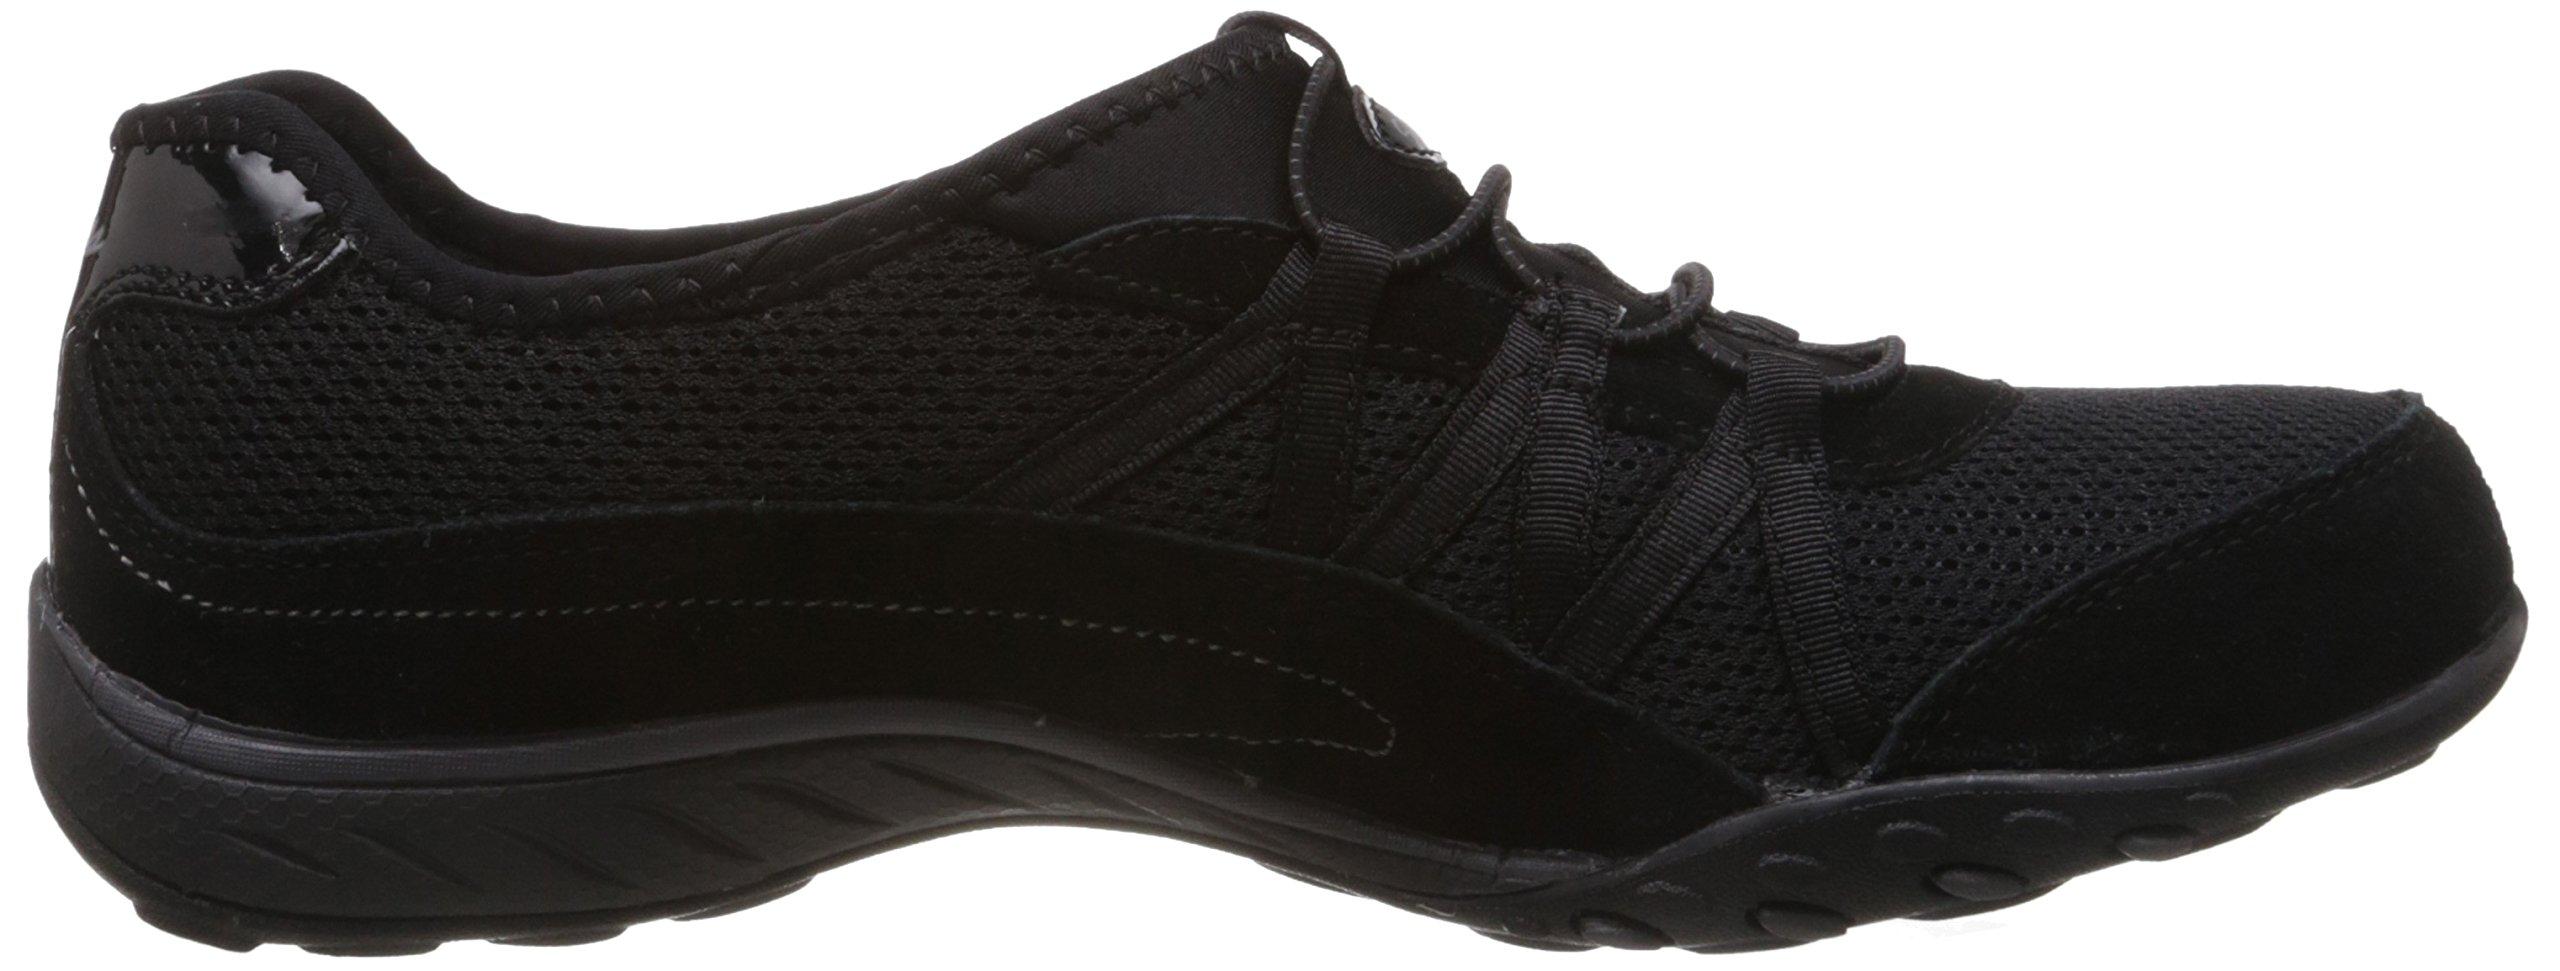 87b565fd1aa3 Skechers Sport Women s Relaxation Fashion Sneaker size 8